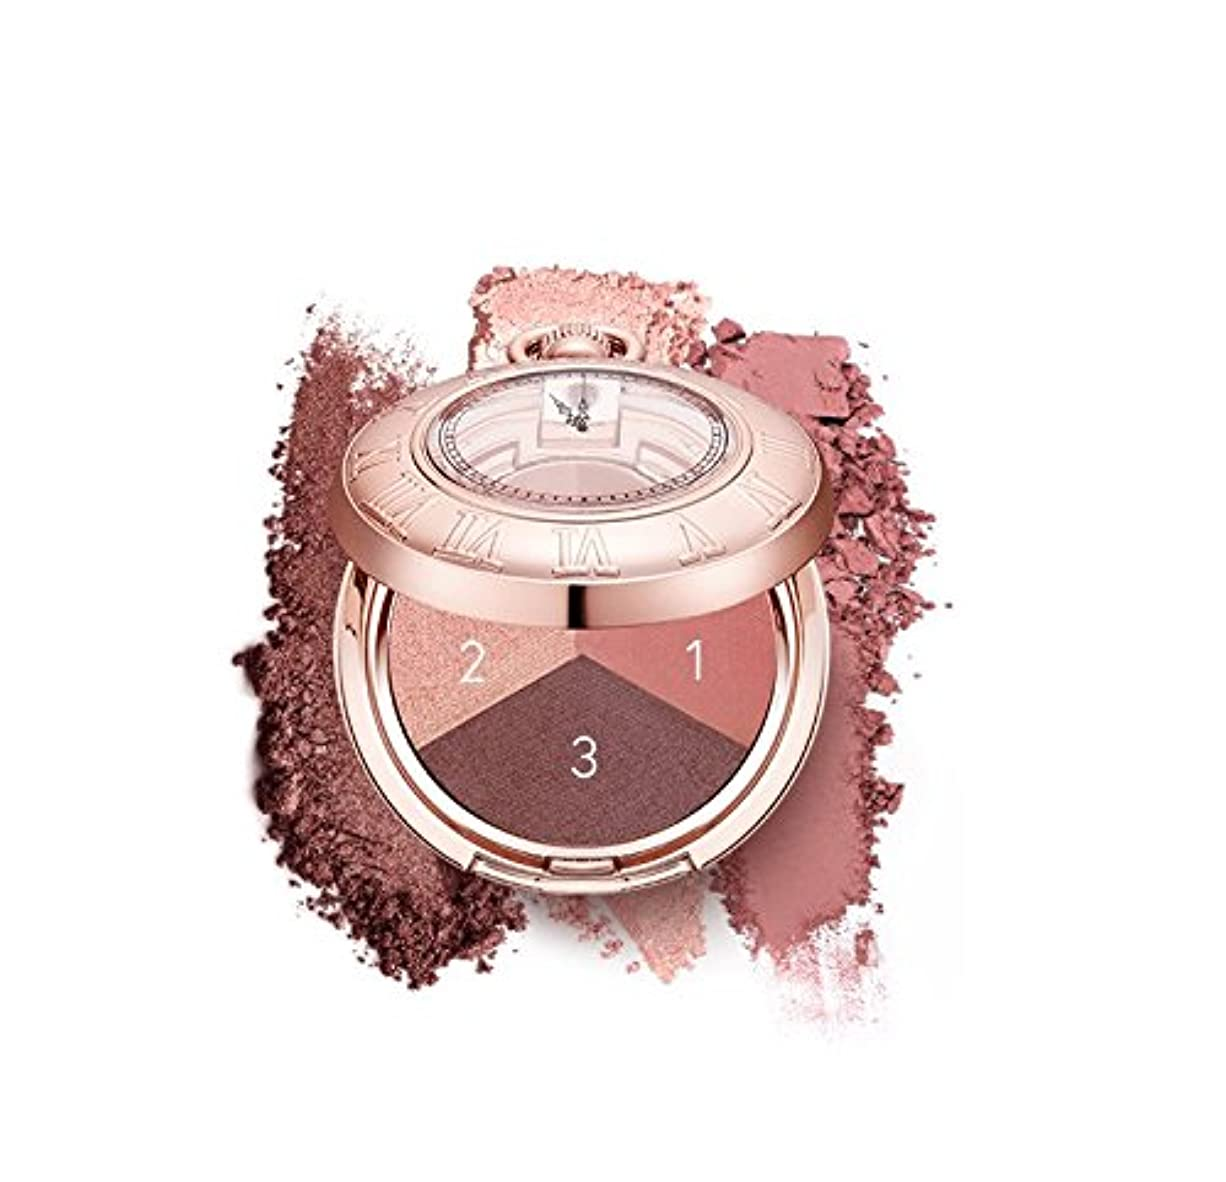 広告主薄める塩辛いLABIOTTE (ラビオッテ) モメンティック タイム シャドウ / labiotte Momentique Time Shadow (11:00 o'clock) [並行輸入品]